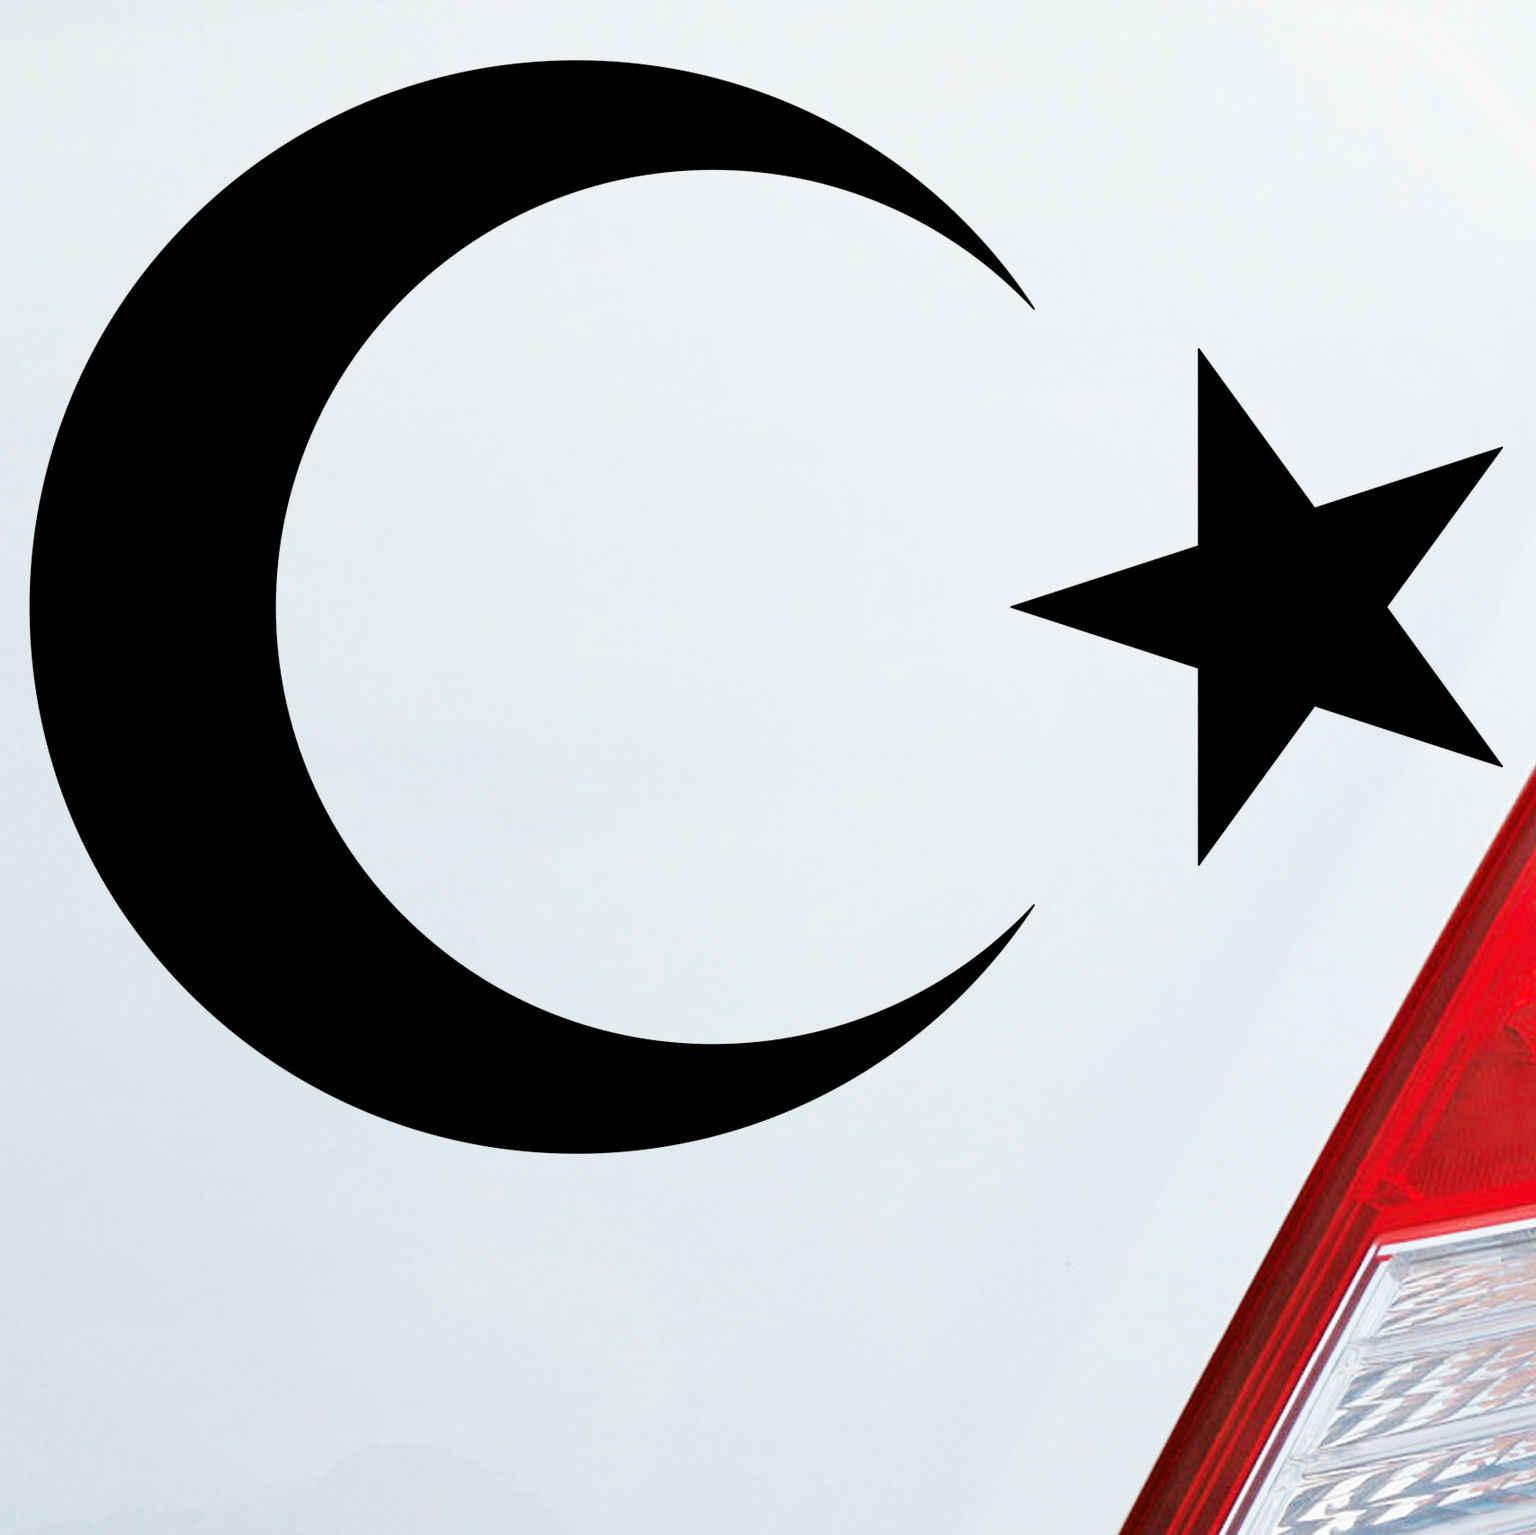 14*10 Cm Islam Turki Bendera Bintang Sticker Setengah Fashion Kepribadian Kreativitas Mobil Stiker Vinyl Stiker Mobil Styling